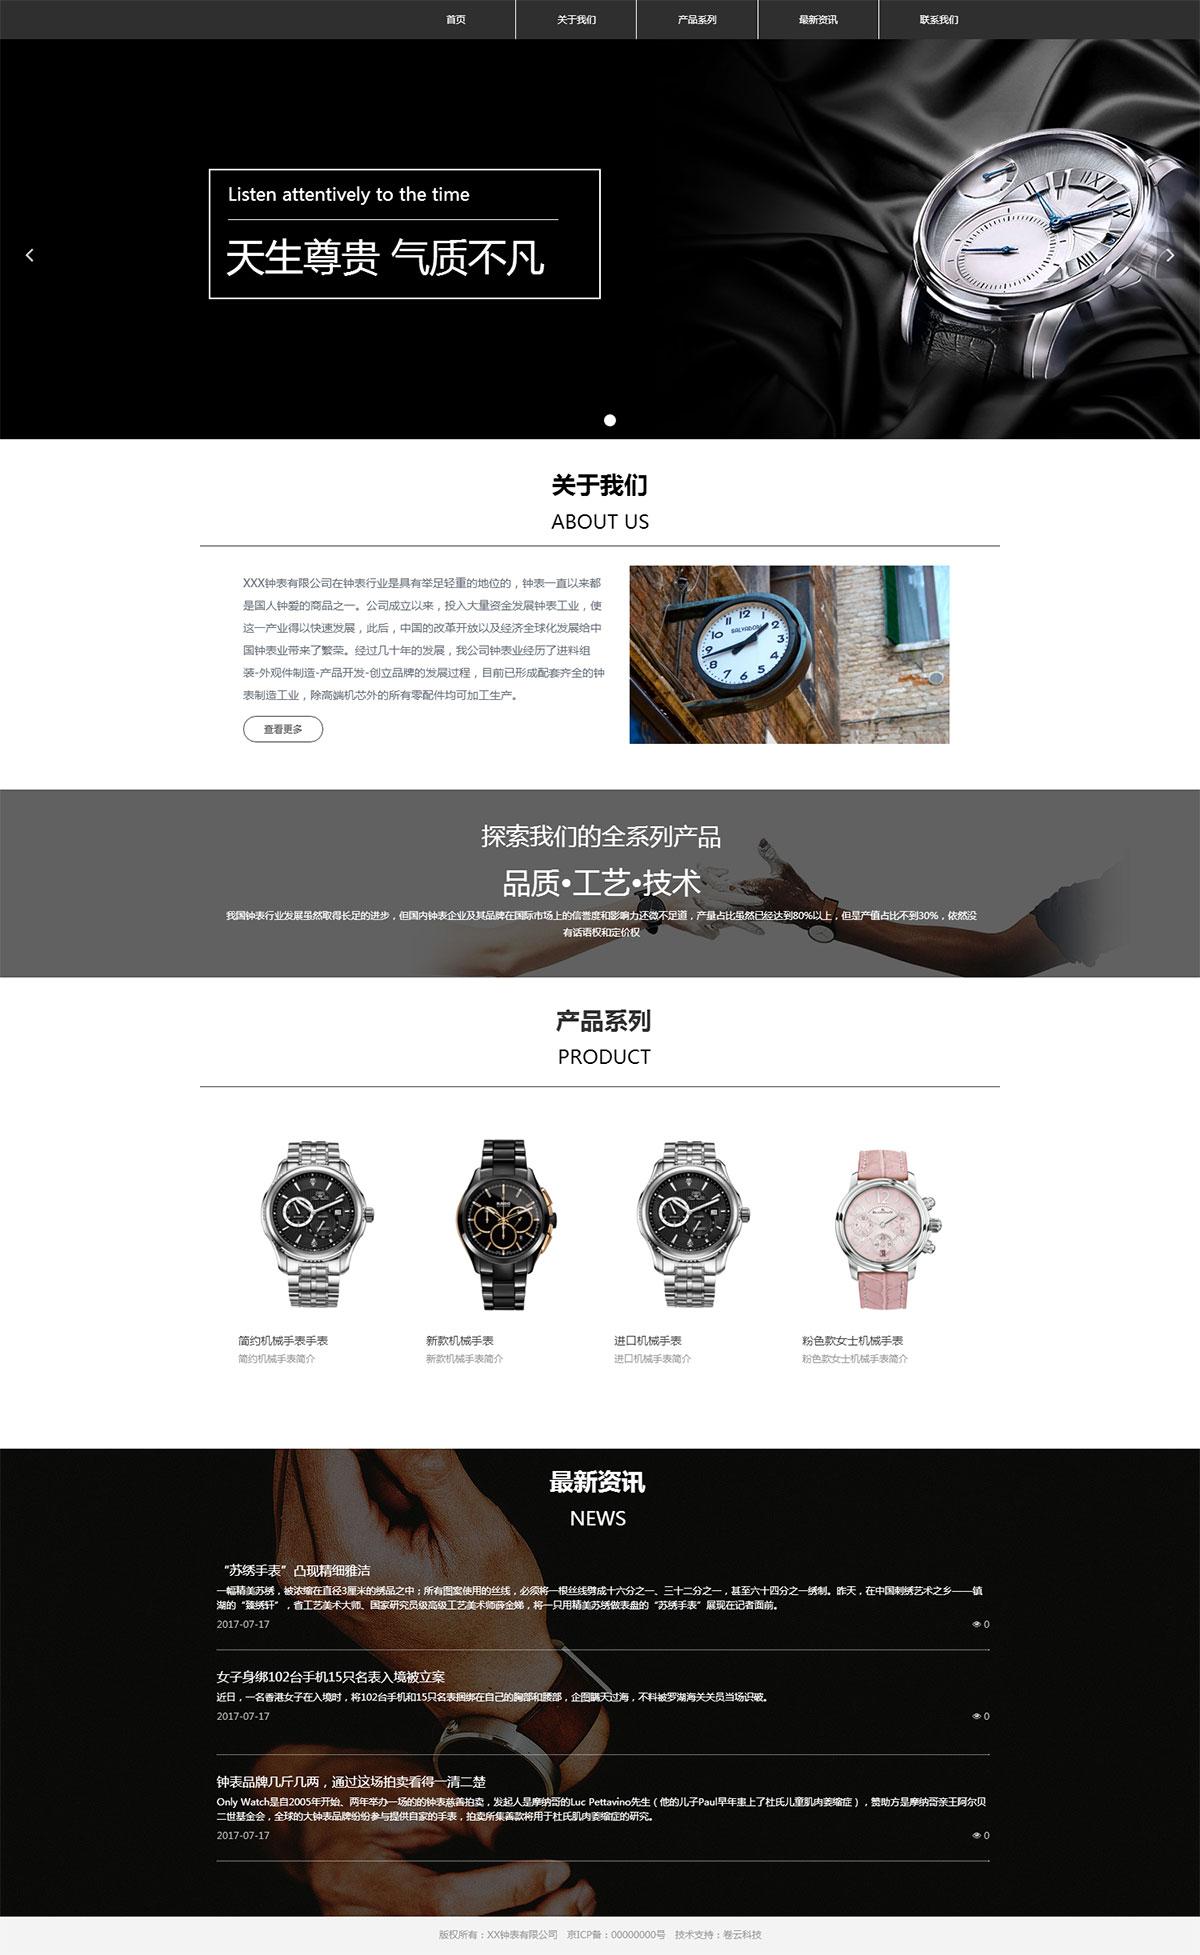 钟表行业企业官网建设案例